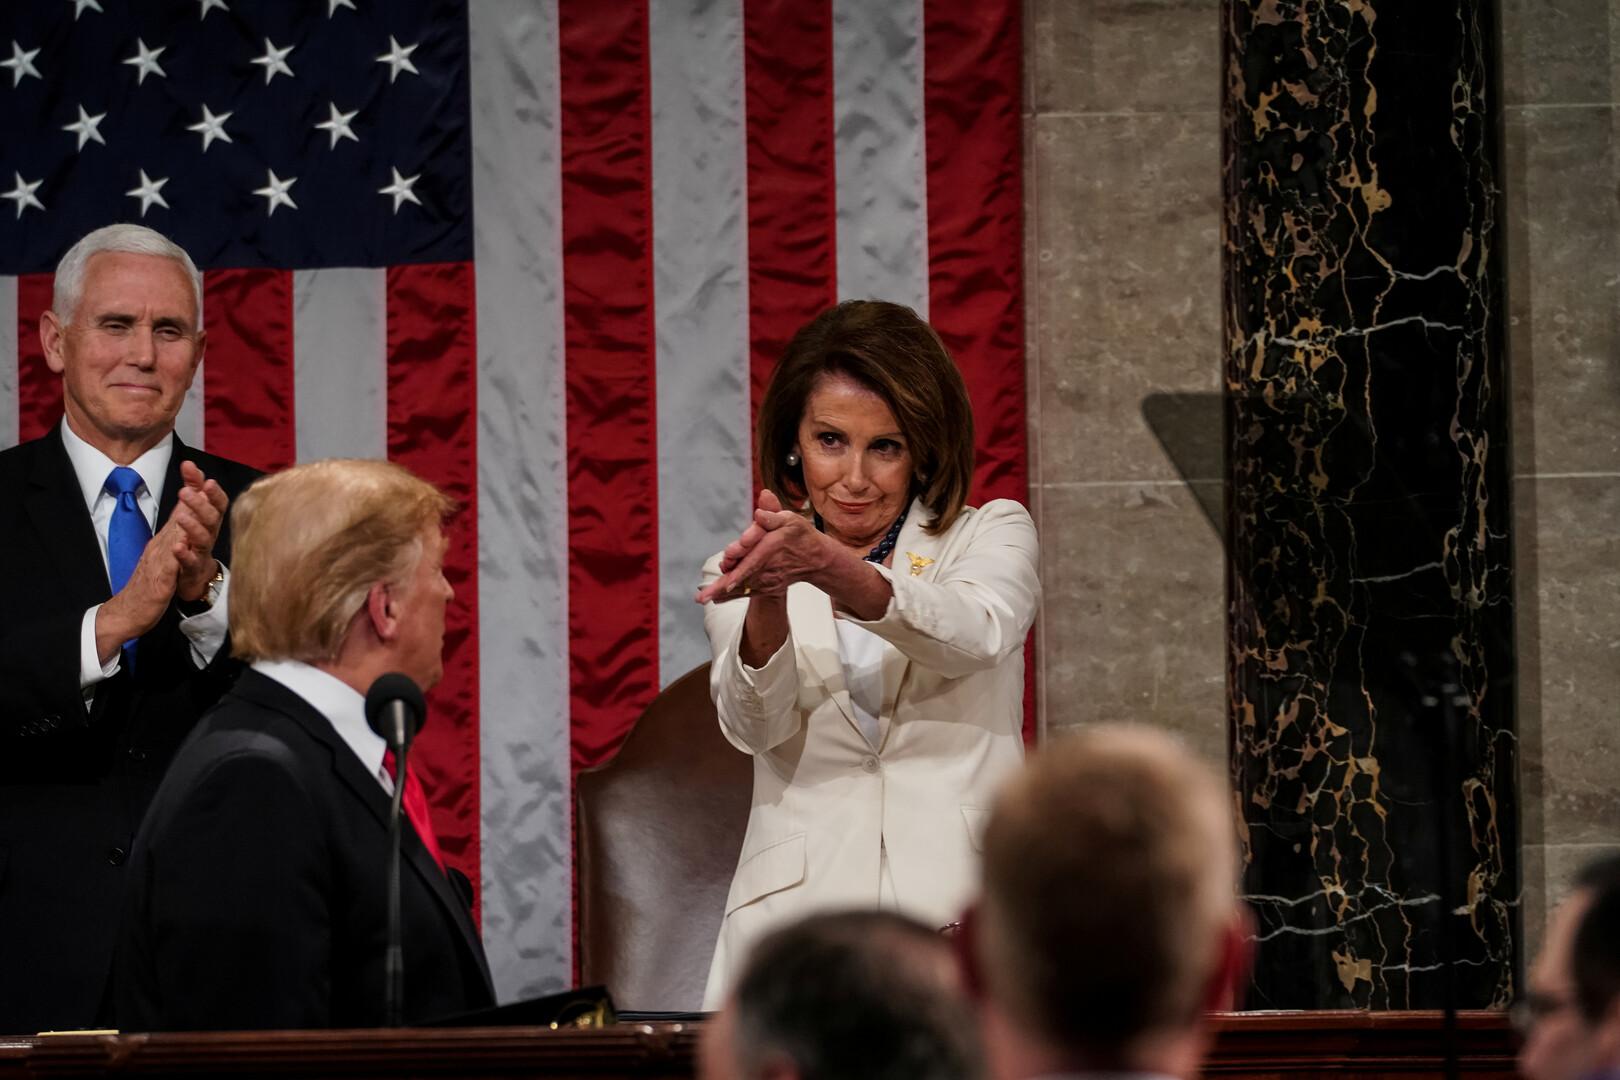 بيلوسي تحذر ترامب من قصف إيران مستشهدة بقضية خاشقجي